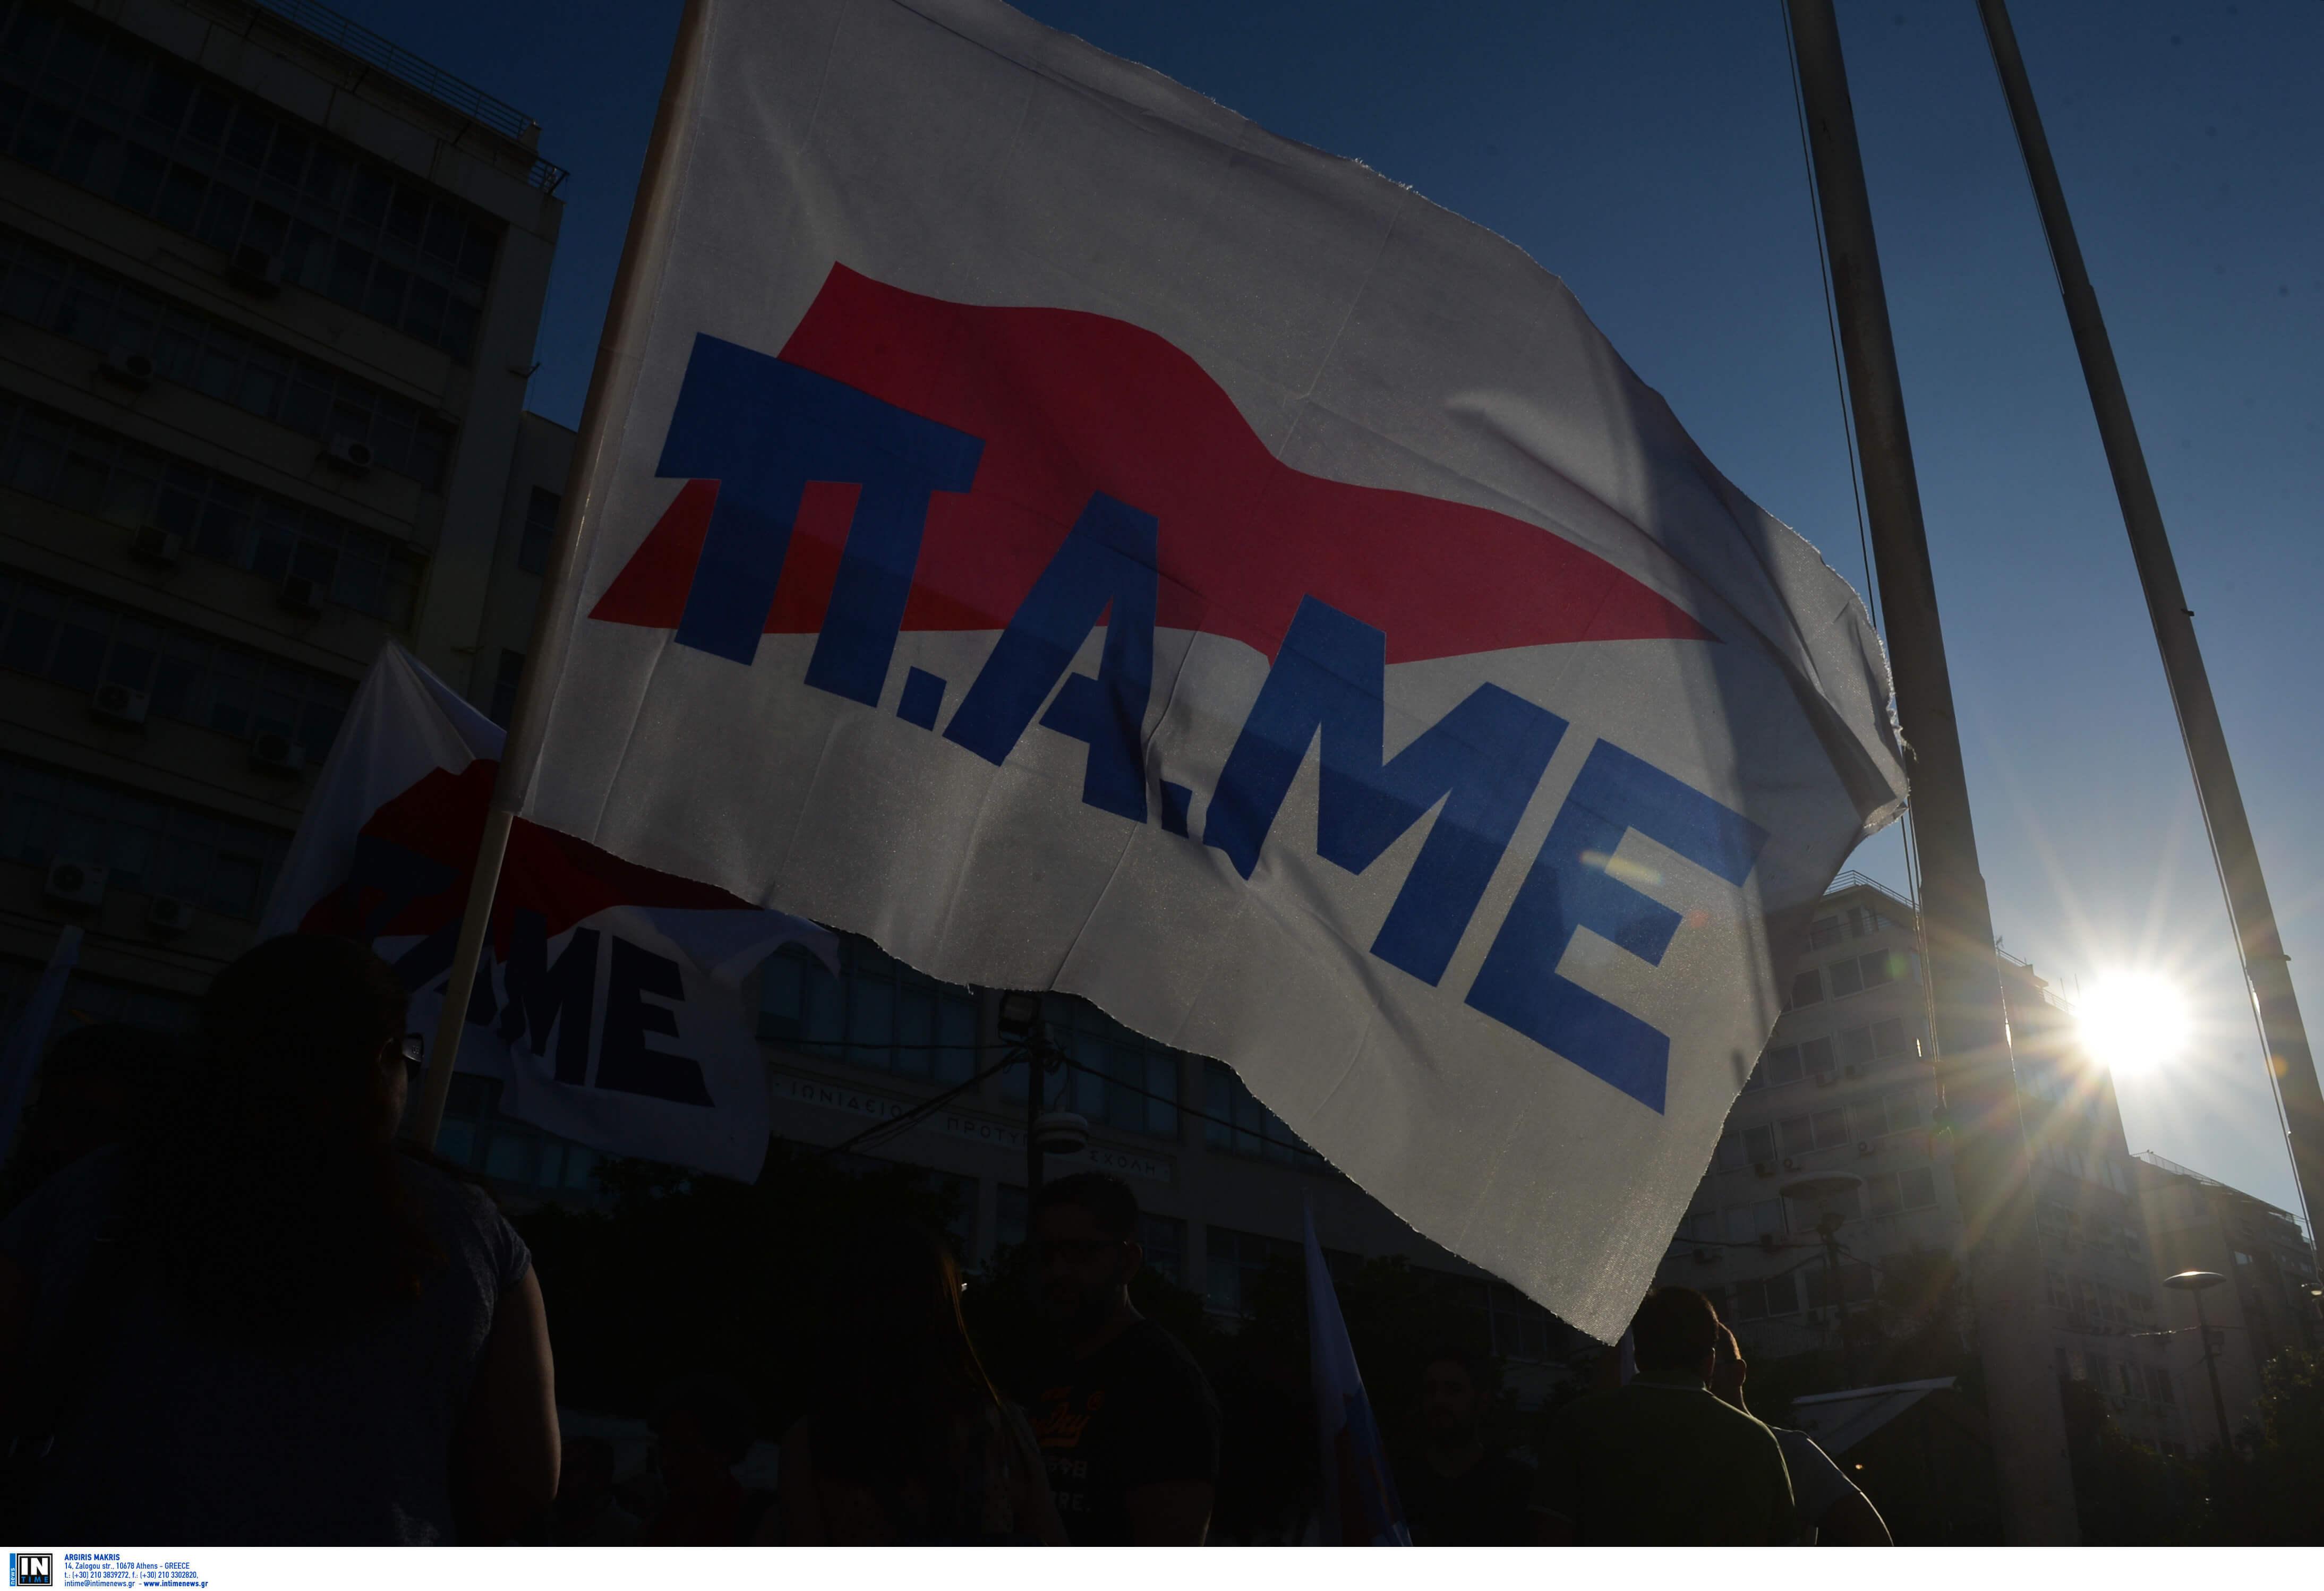 """ΠΑΜΕ: Οι εργατοπατέρες της ΓΣΕΕ σύγχρονοι """"Εφιάλτες"""" του συνδικαλιστικού κινήματος"""